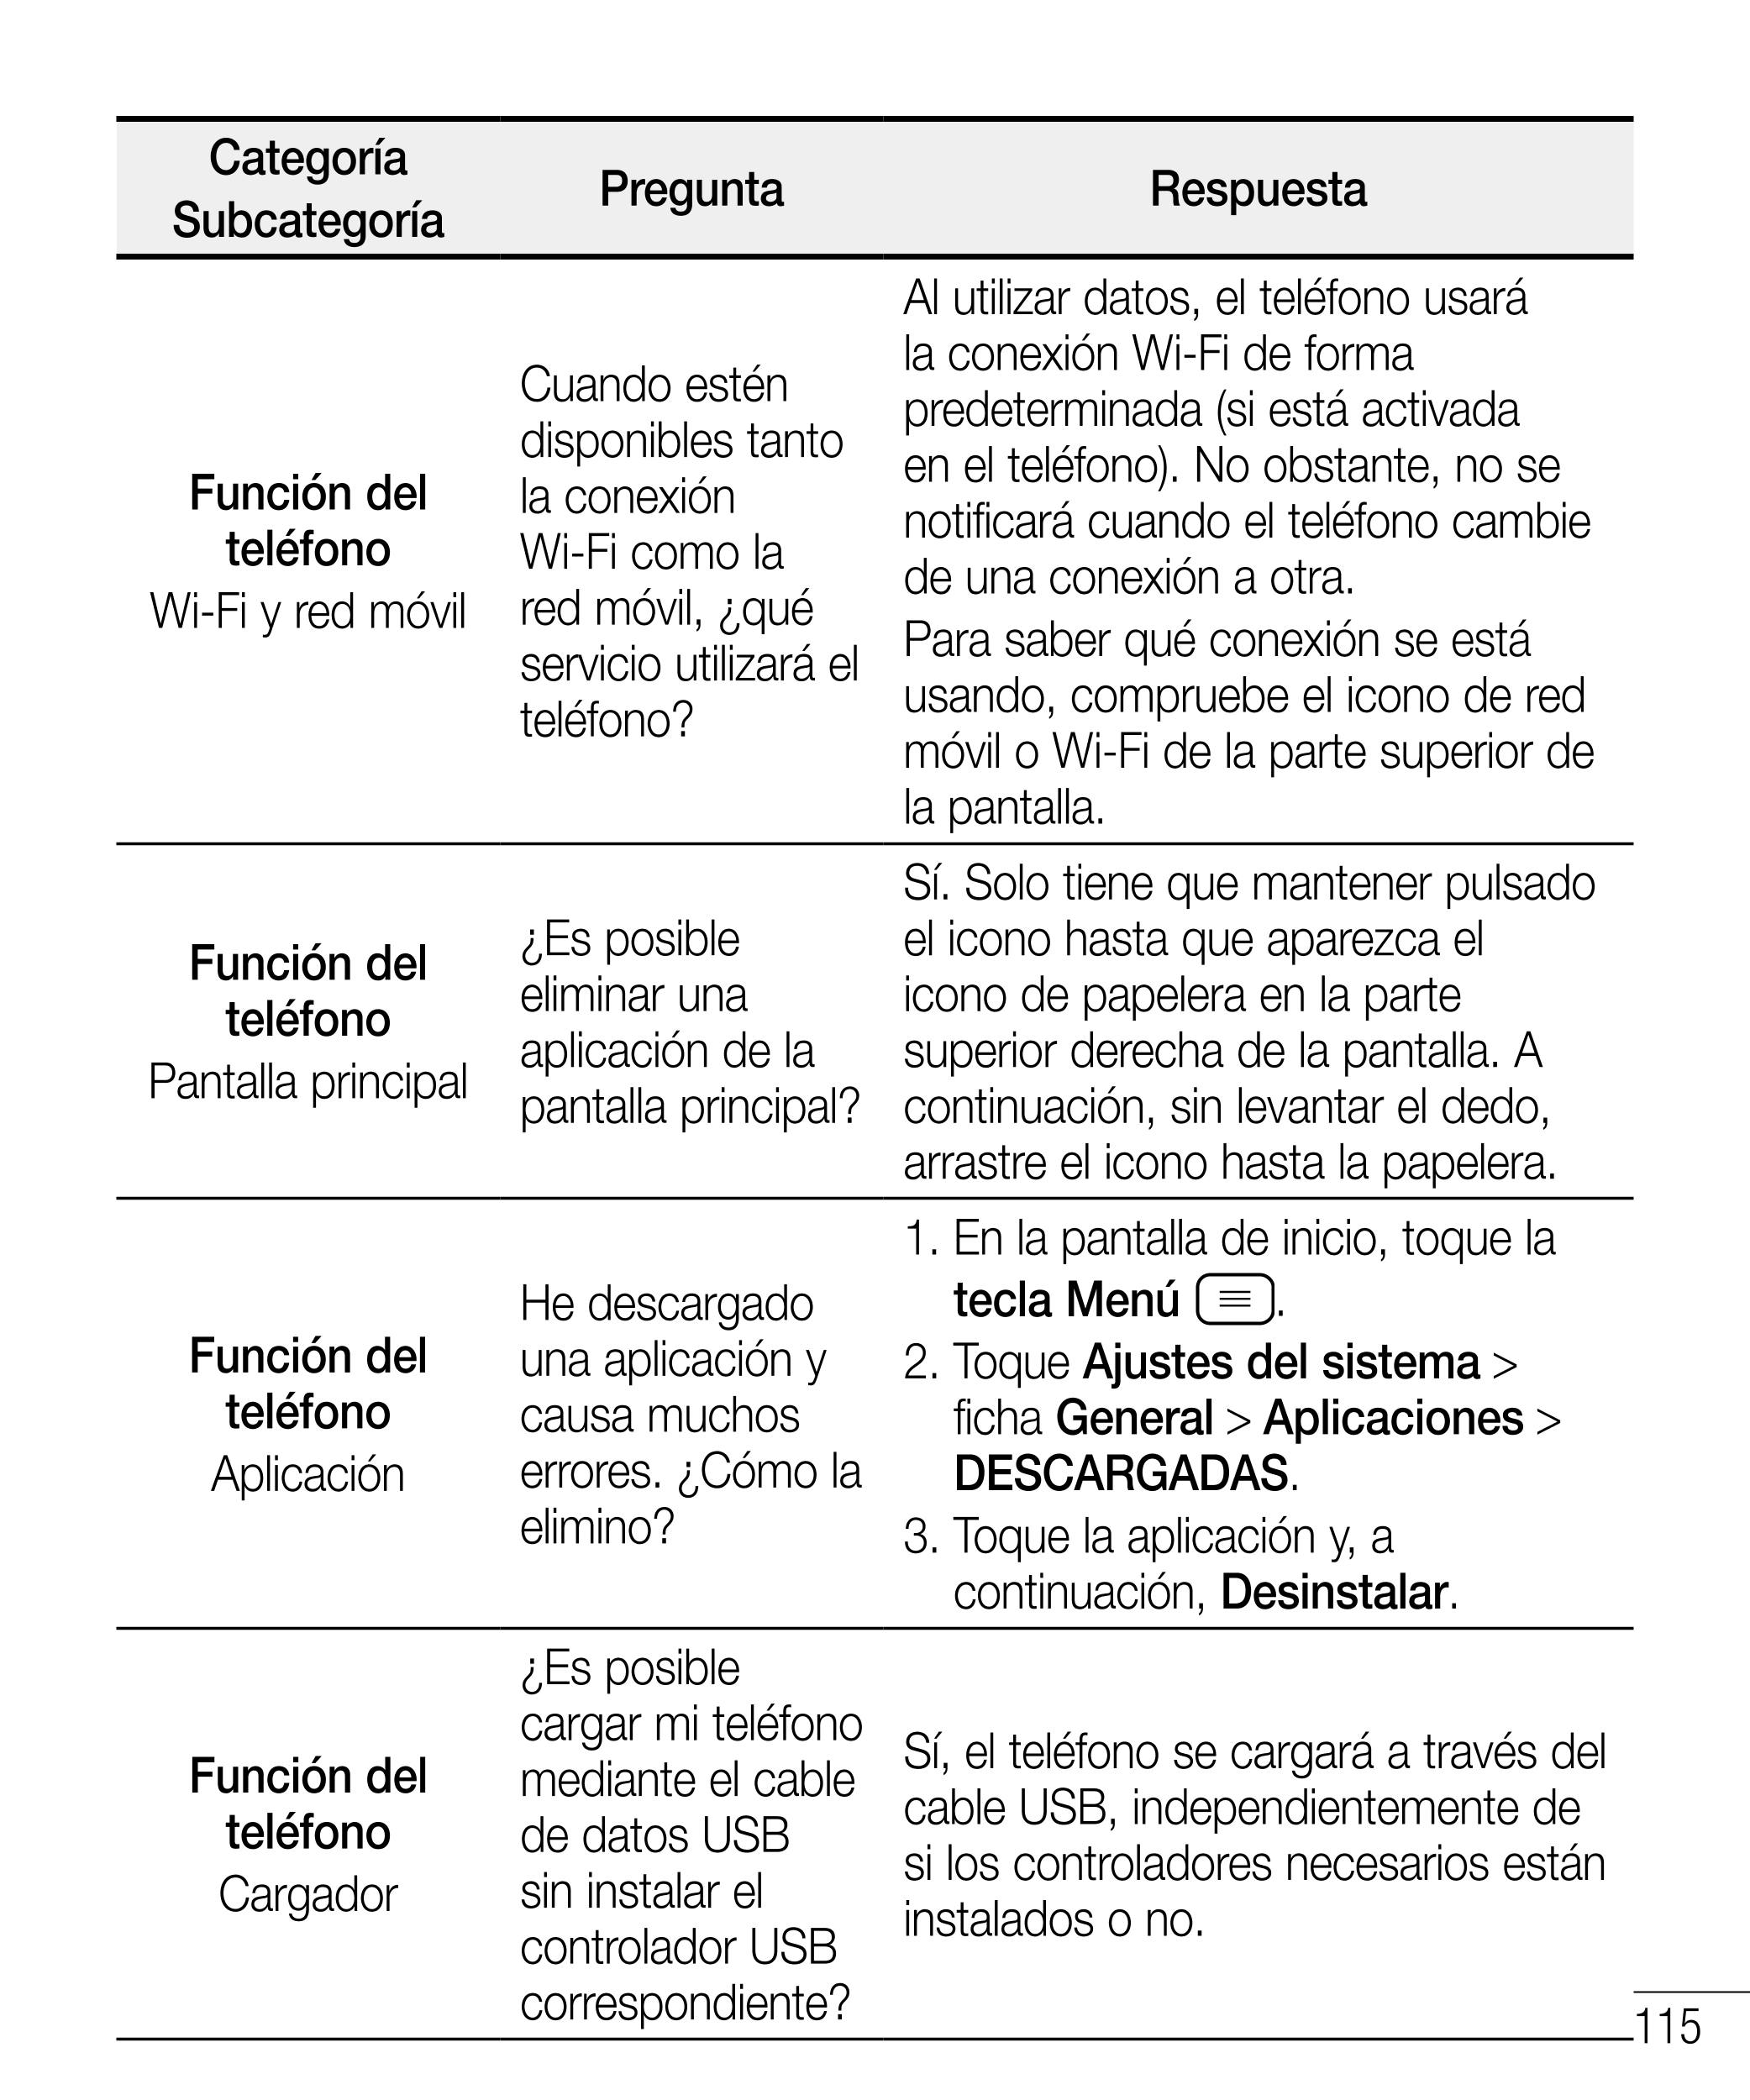 Manual Lg F70 D315 Android 44 Device Guide Cable Schematic Categora Pregunta Respuesta Subcategora Al Utilizar Datos El Telfono Usar La Conexin Wi Fi